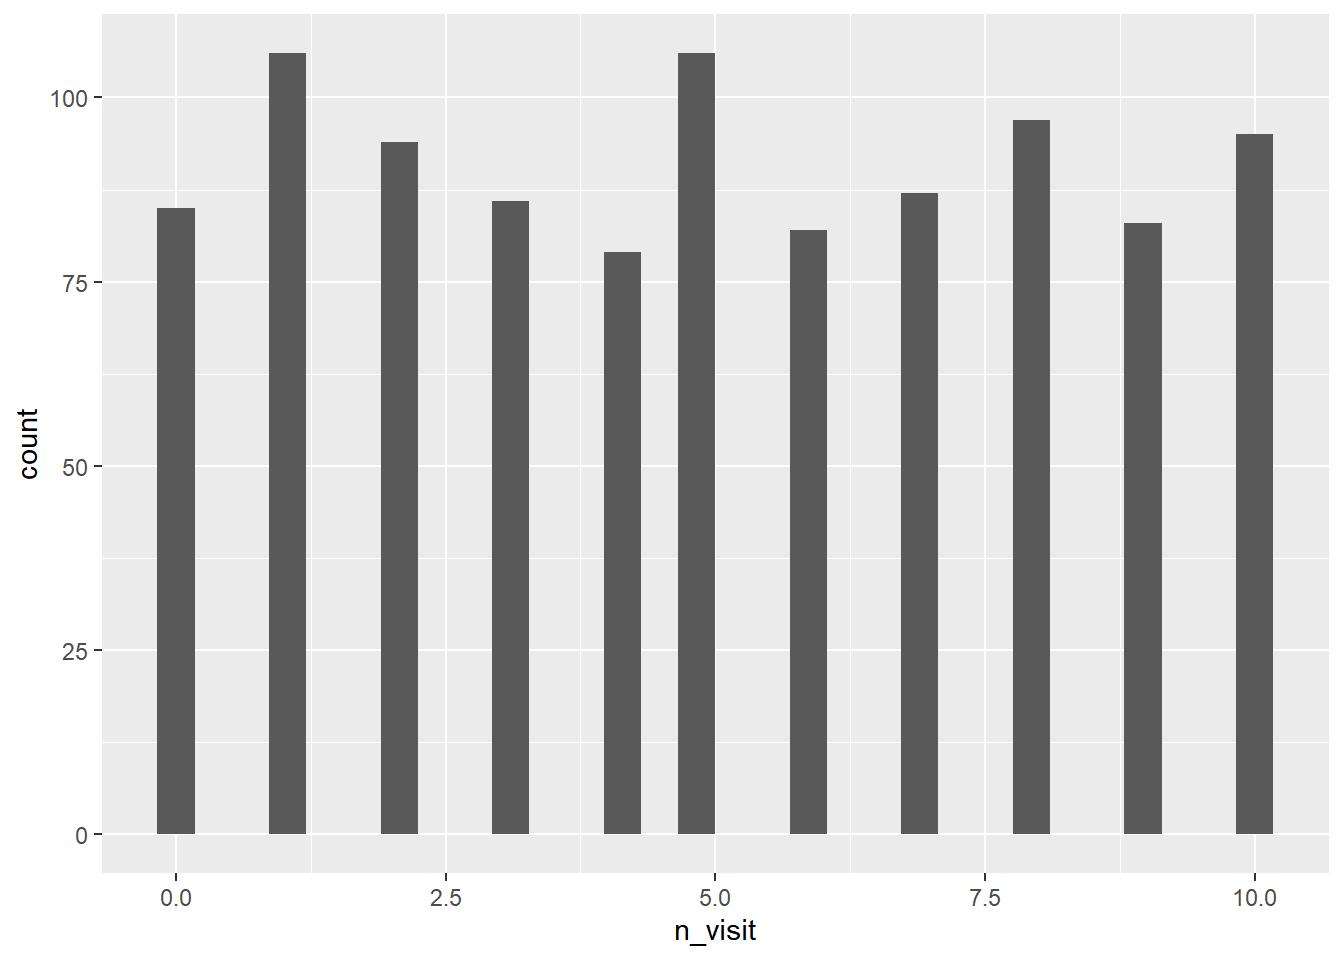 ggplot2: Histogram